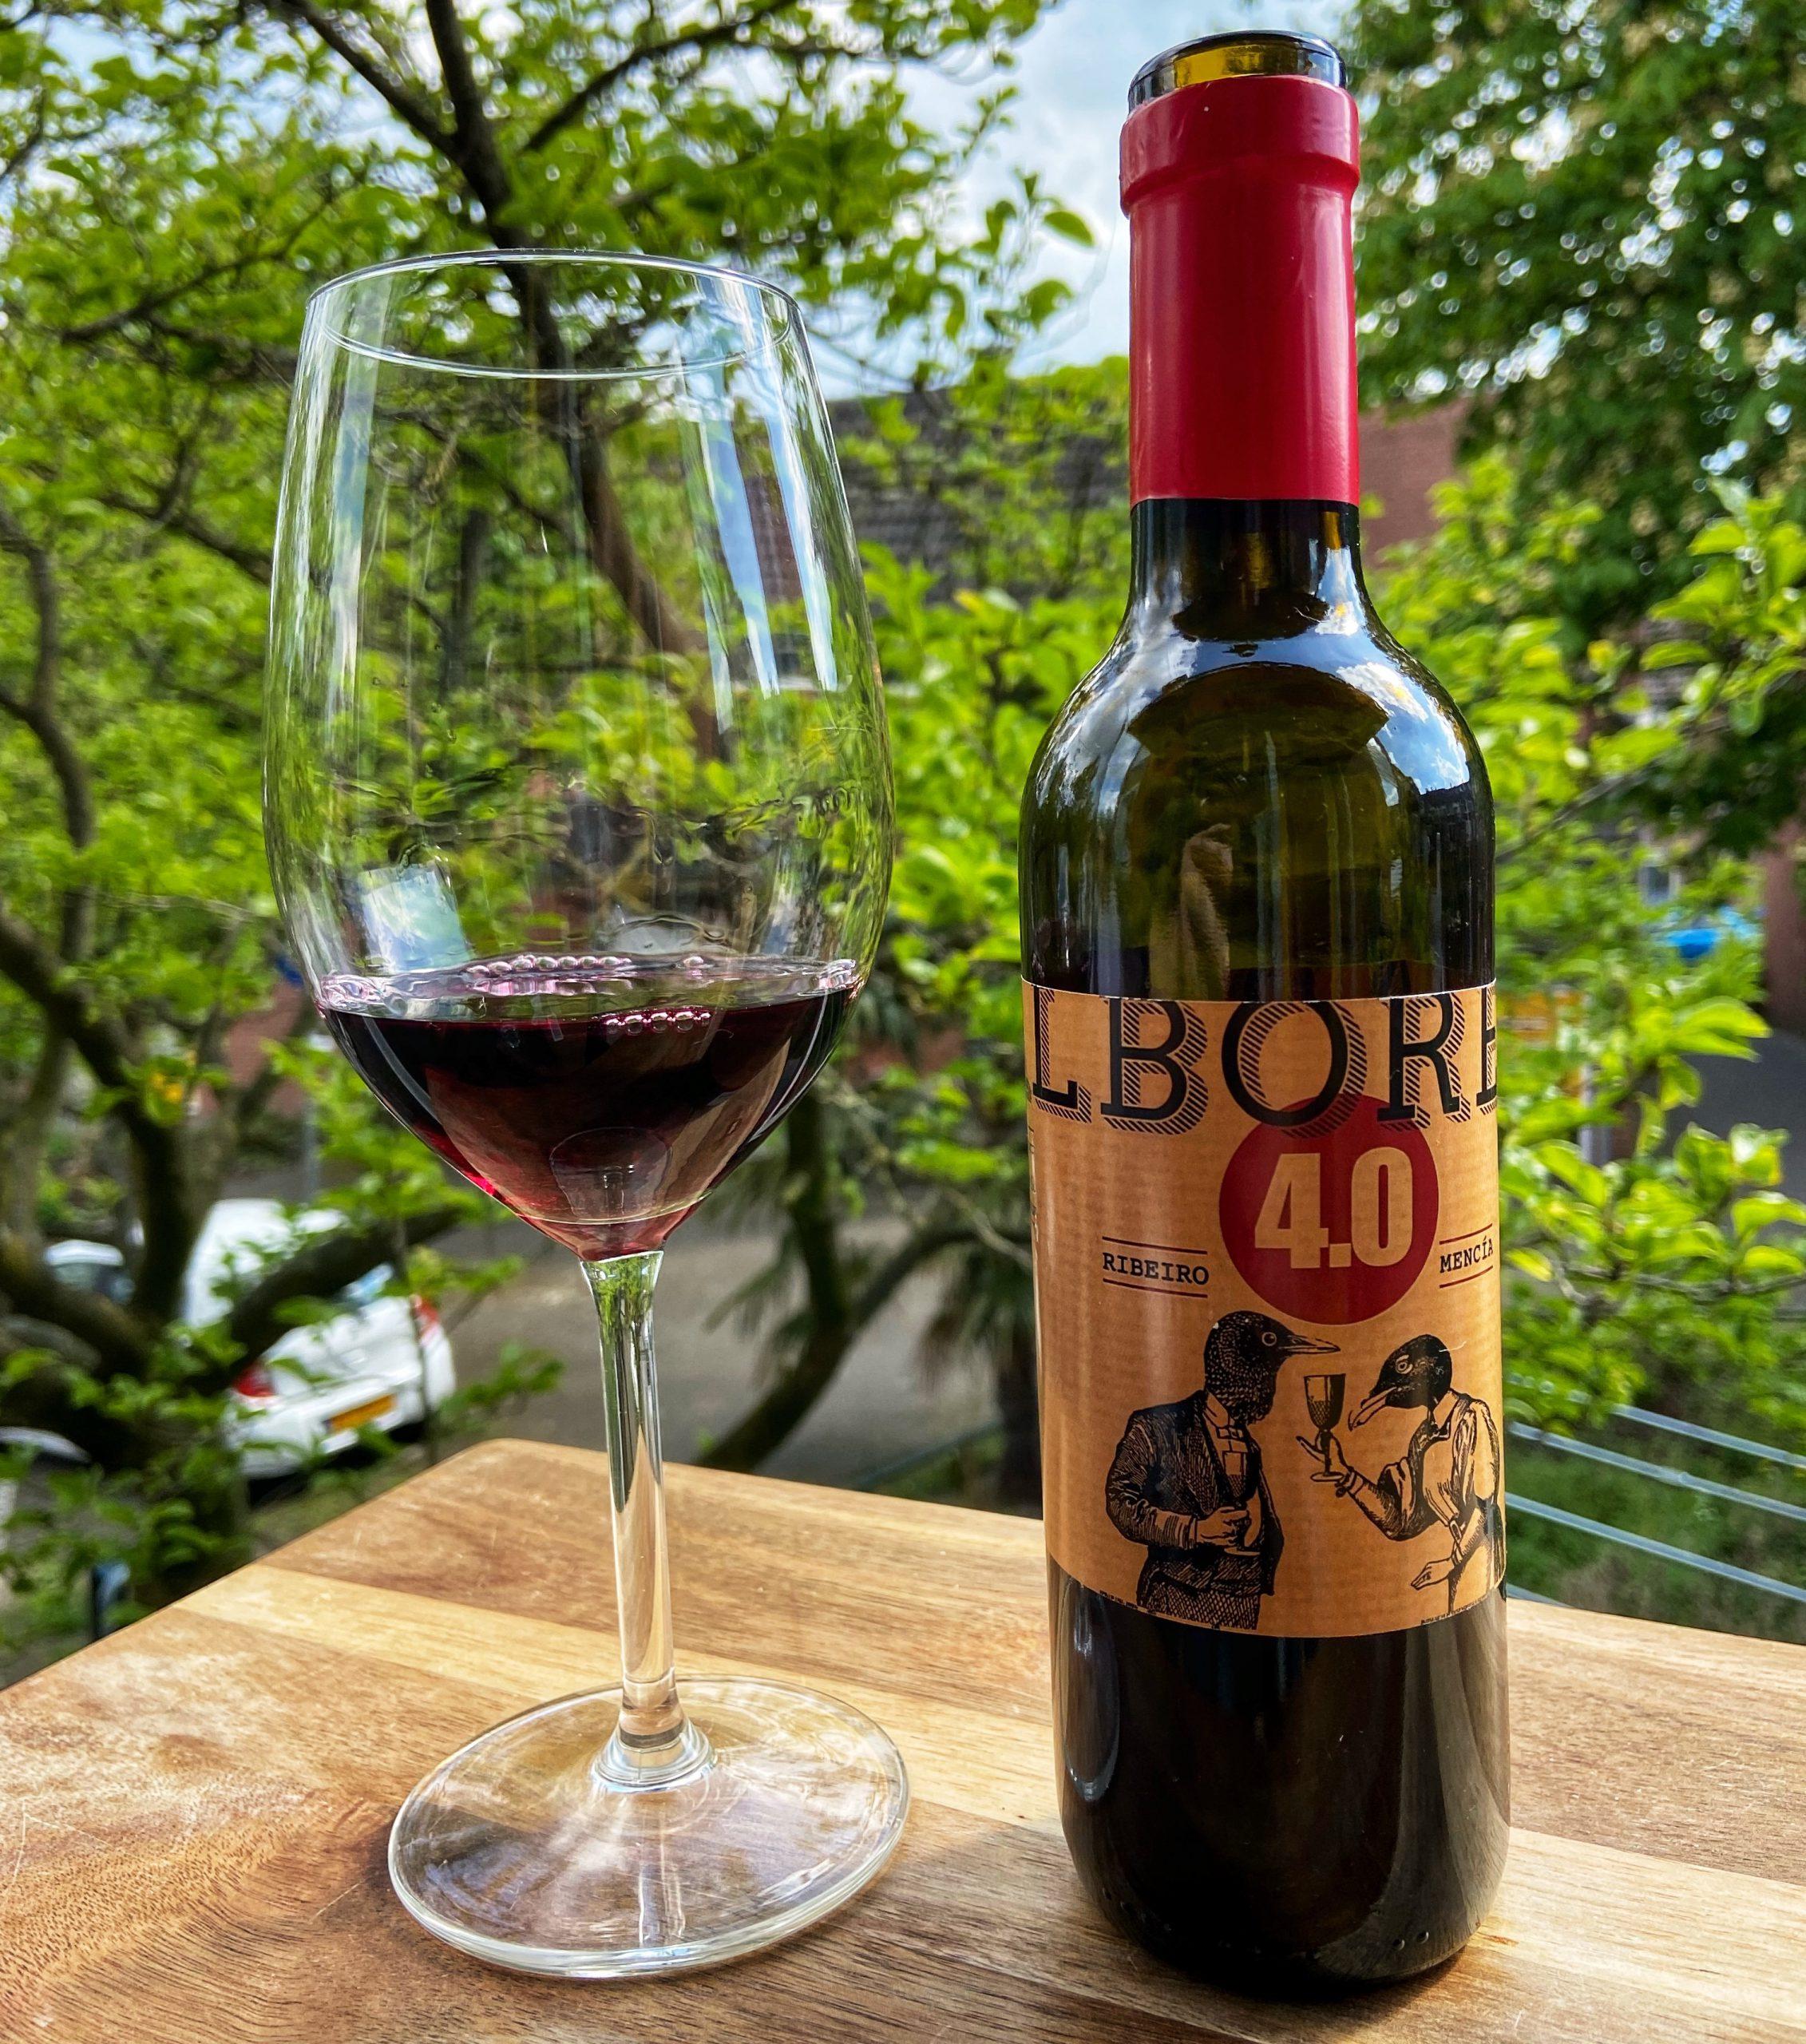 Hoeveel wijn kleine fles rode wijn